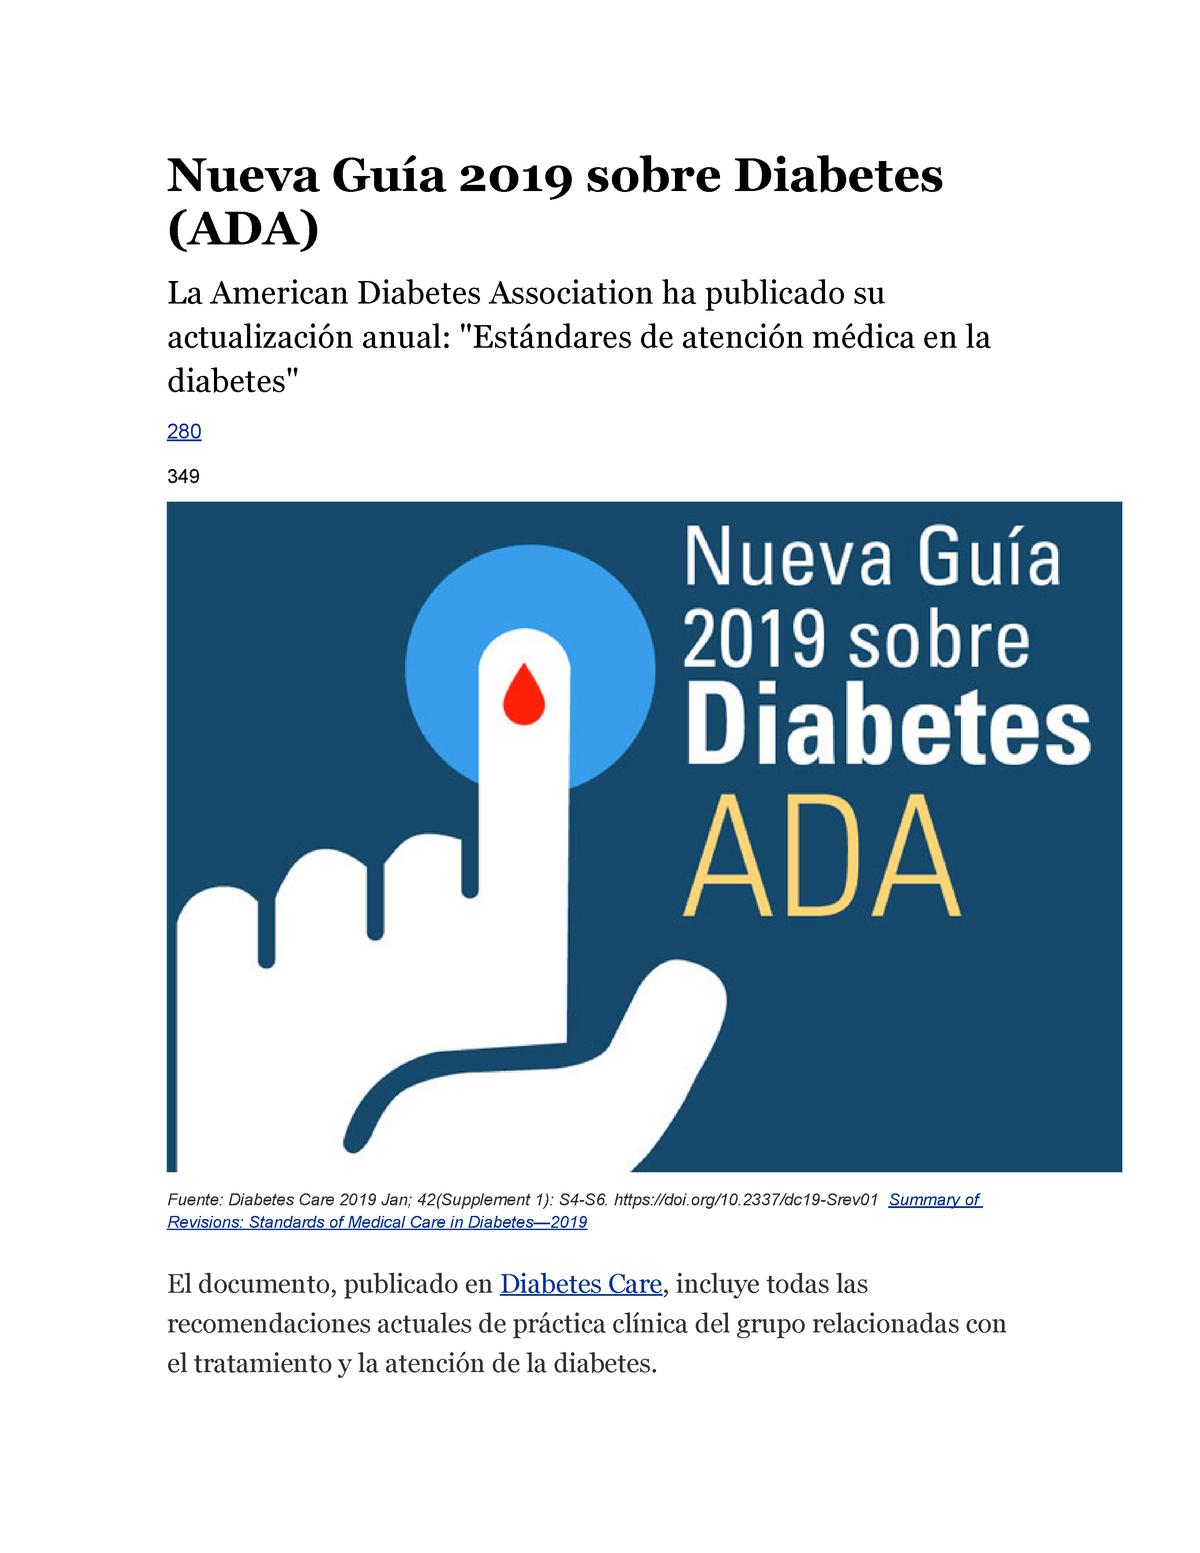 pautas de diabetes ada 2020 toxicidad por aspirina